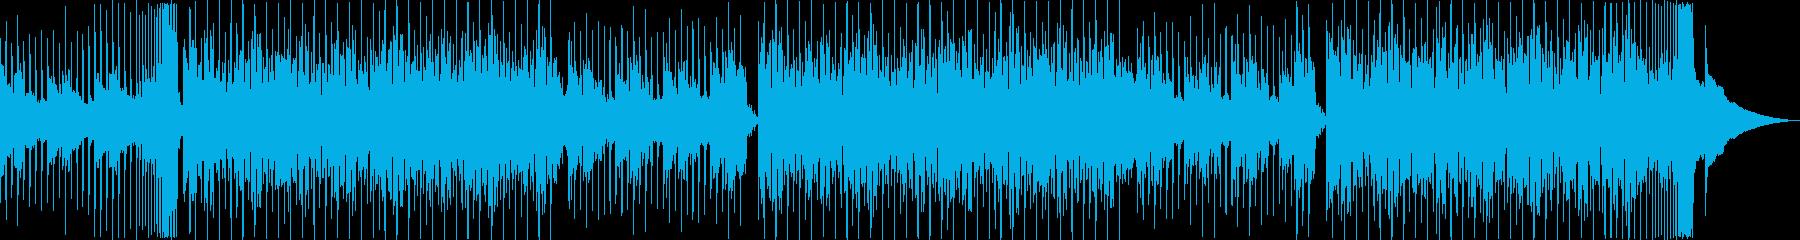 夏、海、夕暮れ、クールなトロピカルハウスの再生済みの波形